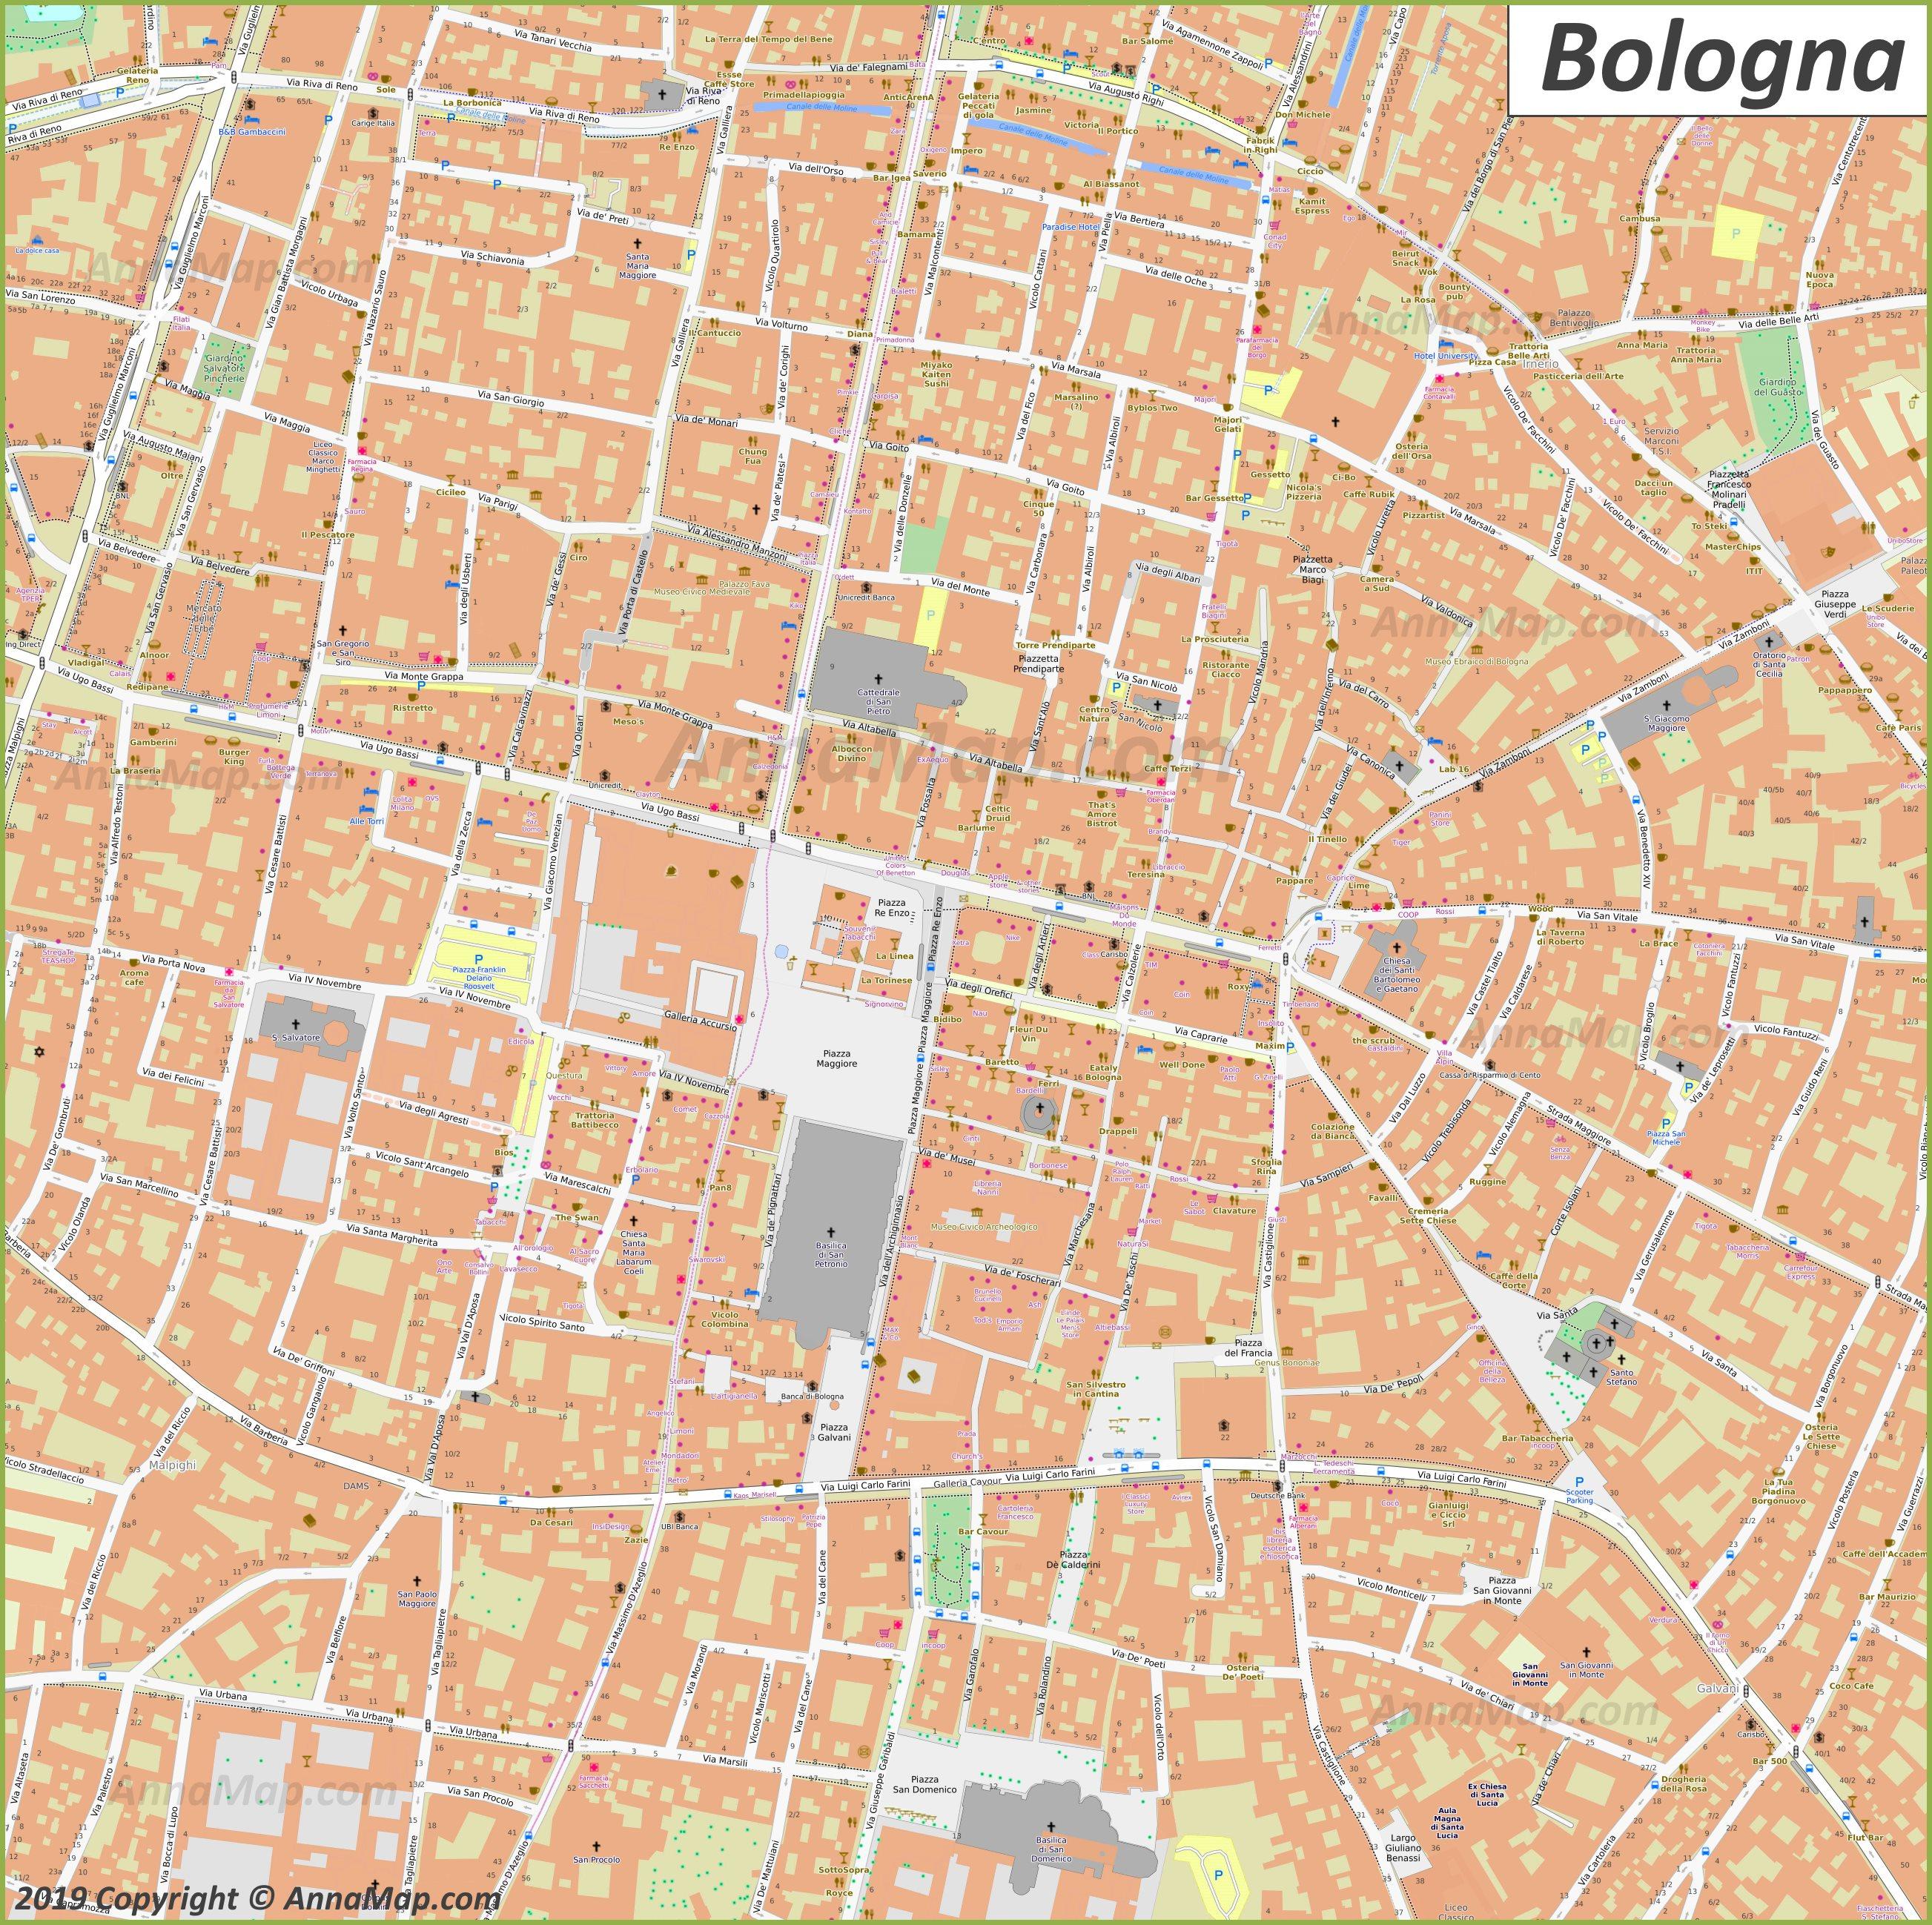 Mappa Bologna Cartina.Detailed Tourist Maps Of Bologna Italy Free Printable Maps Of Bologna Annamap Com